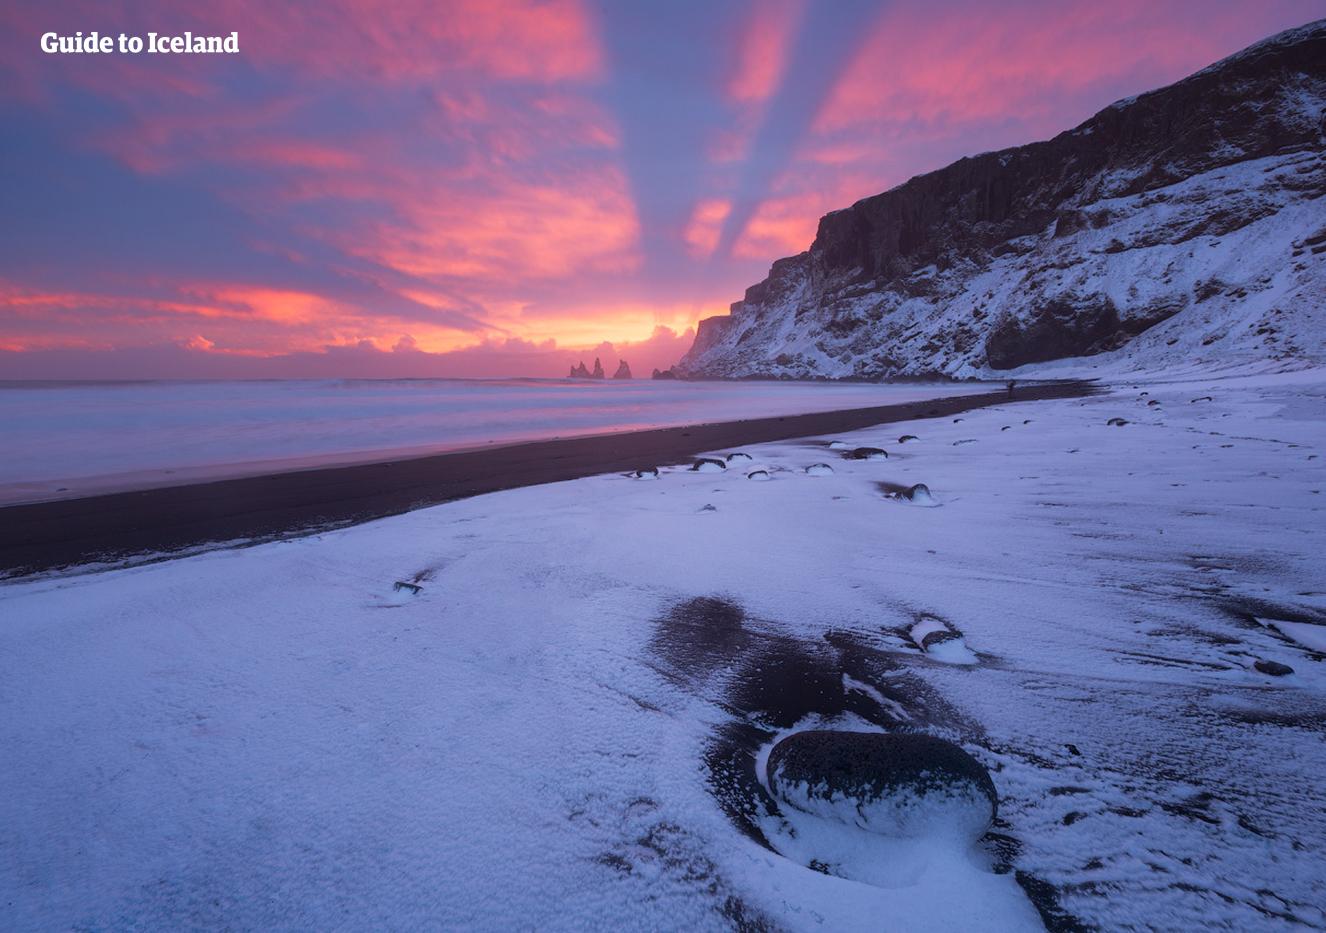 หาดทรายดำเรย์นิสฟยาราในหน้าหนาวอาจมีคลื่นมหาภัยพัดเข้าชายฝั่งแบบไม่ทันตั้งตัวได้ทุกเมื่อ แม้แต่ในวันที่ทะเลสงบ